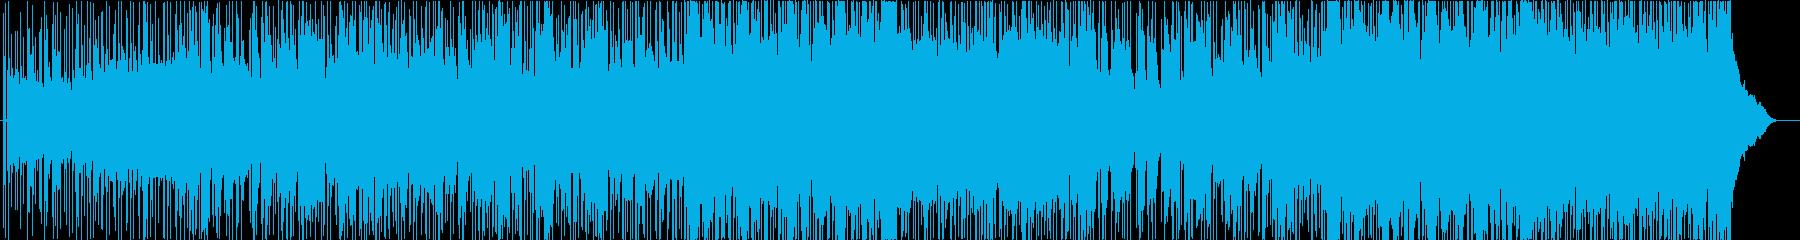 ディレイの再生済みの波形